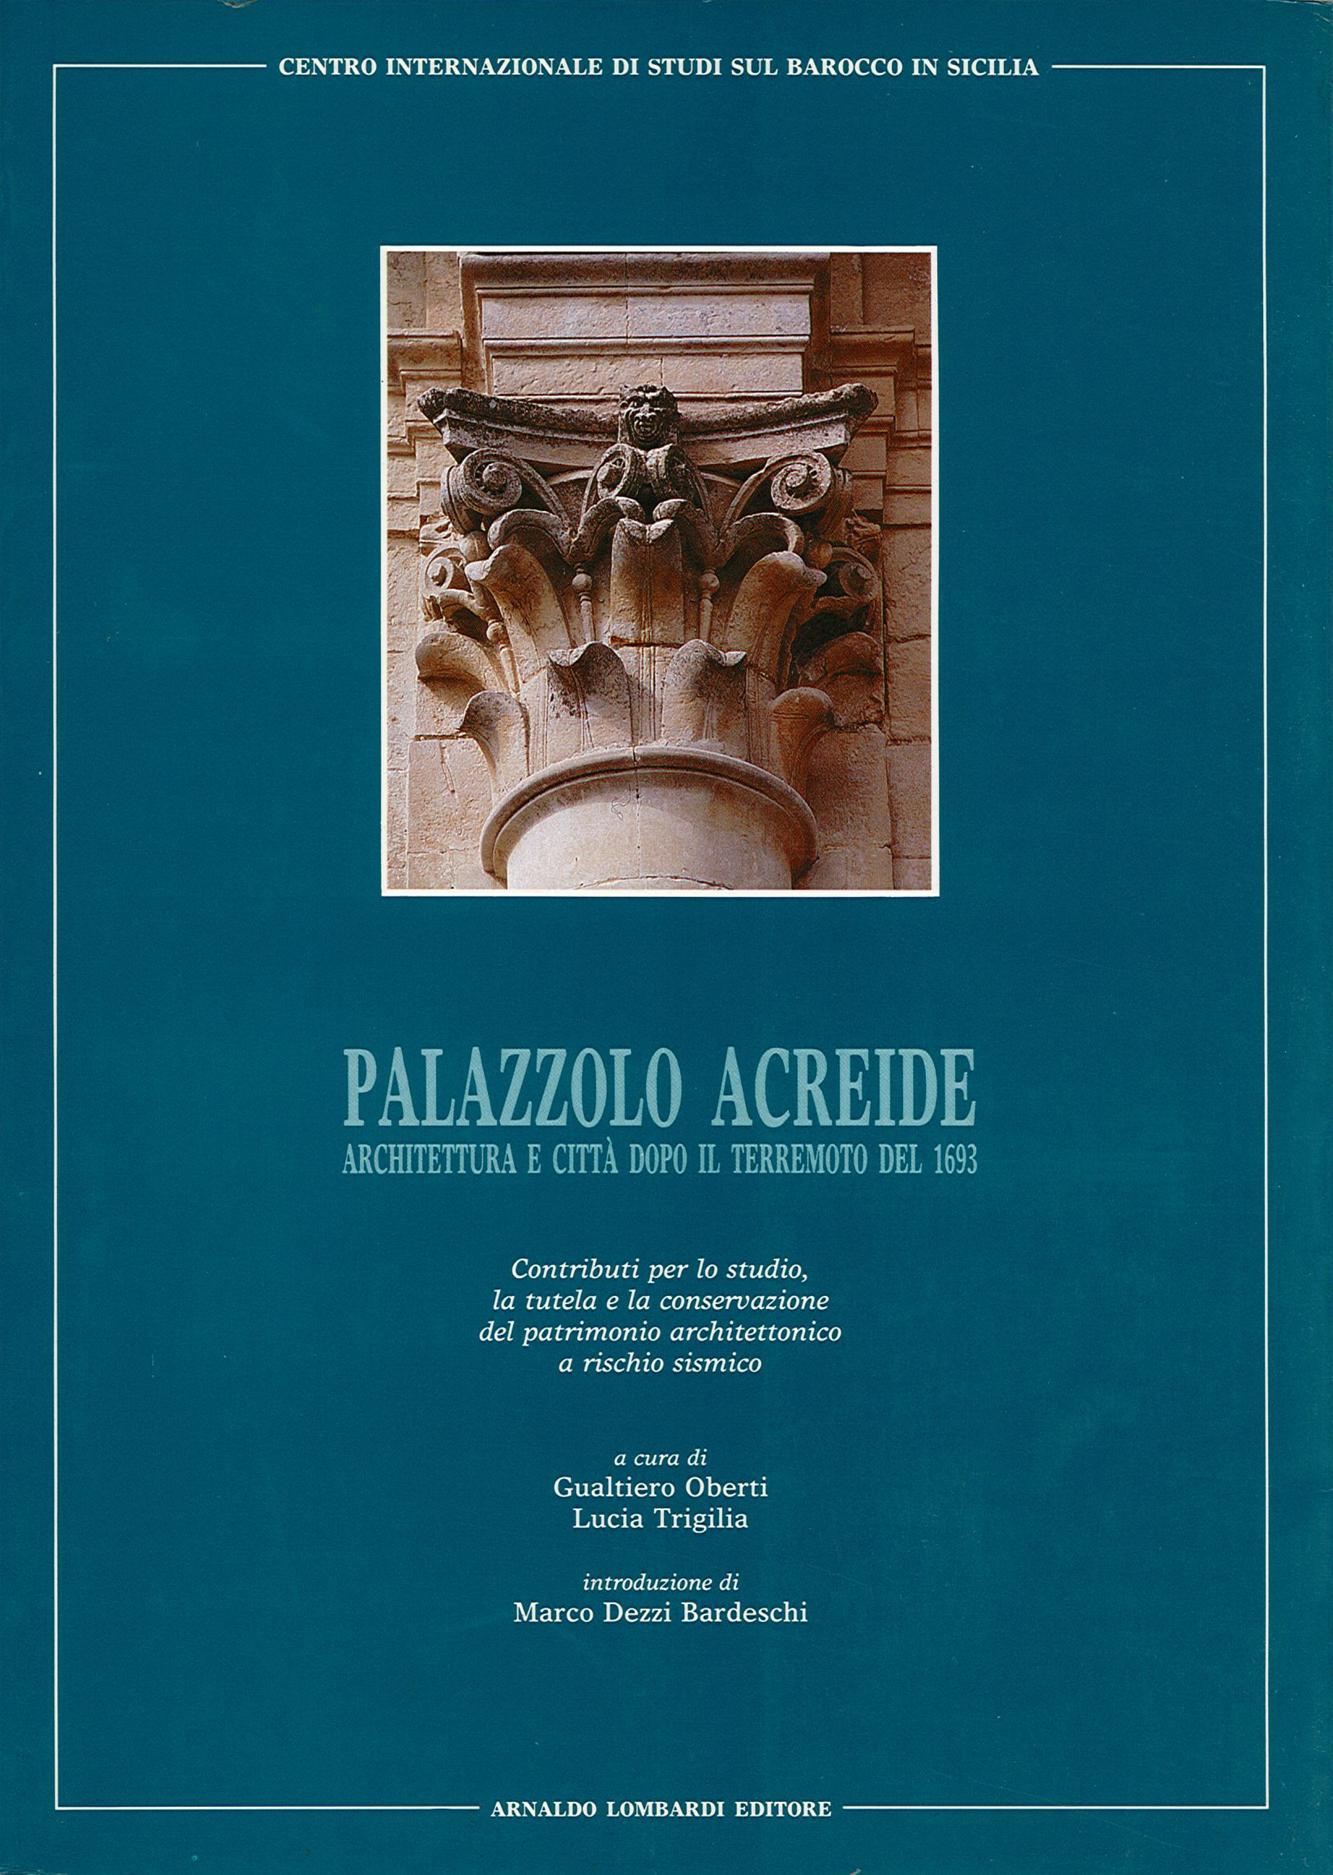 Pubblicazioni - Palazzolo Acreide - oberti+oberti   architetti